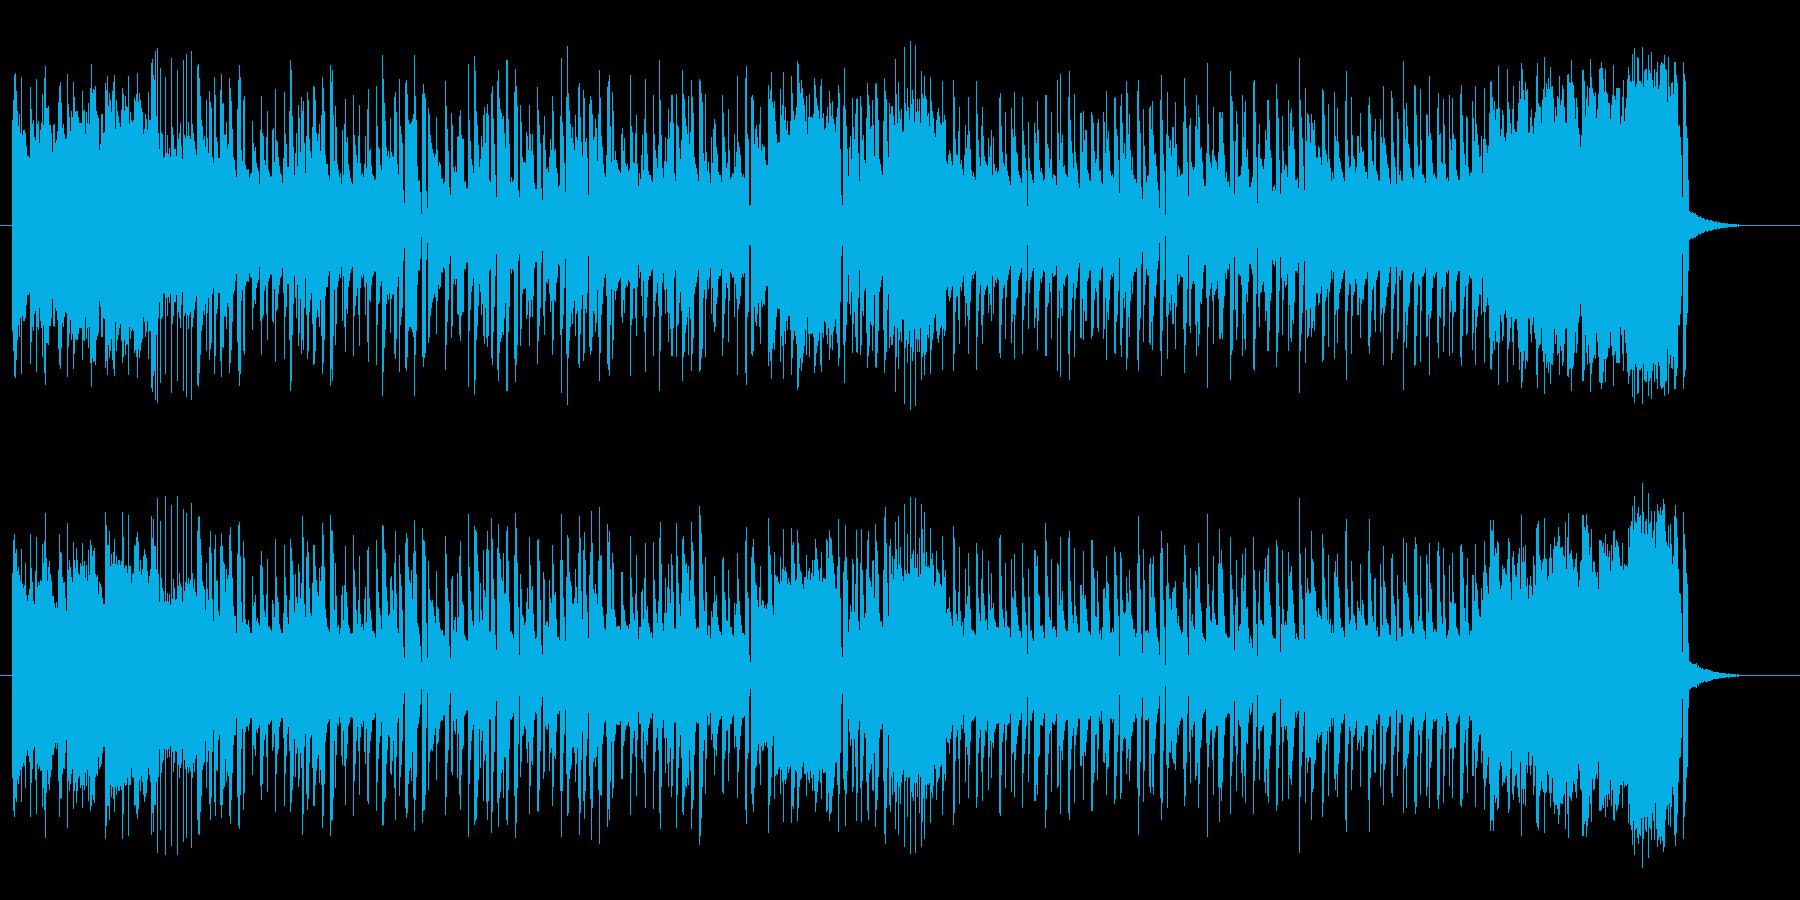 リズミカルなトランペットラテンポップスの再生済みの波形